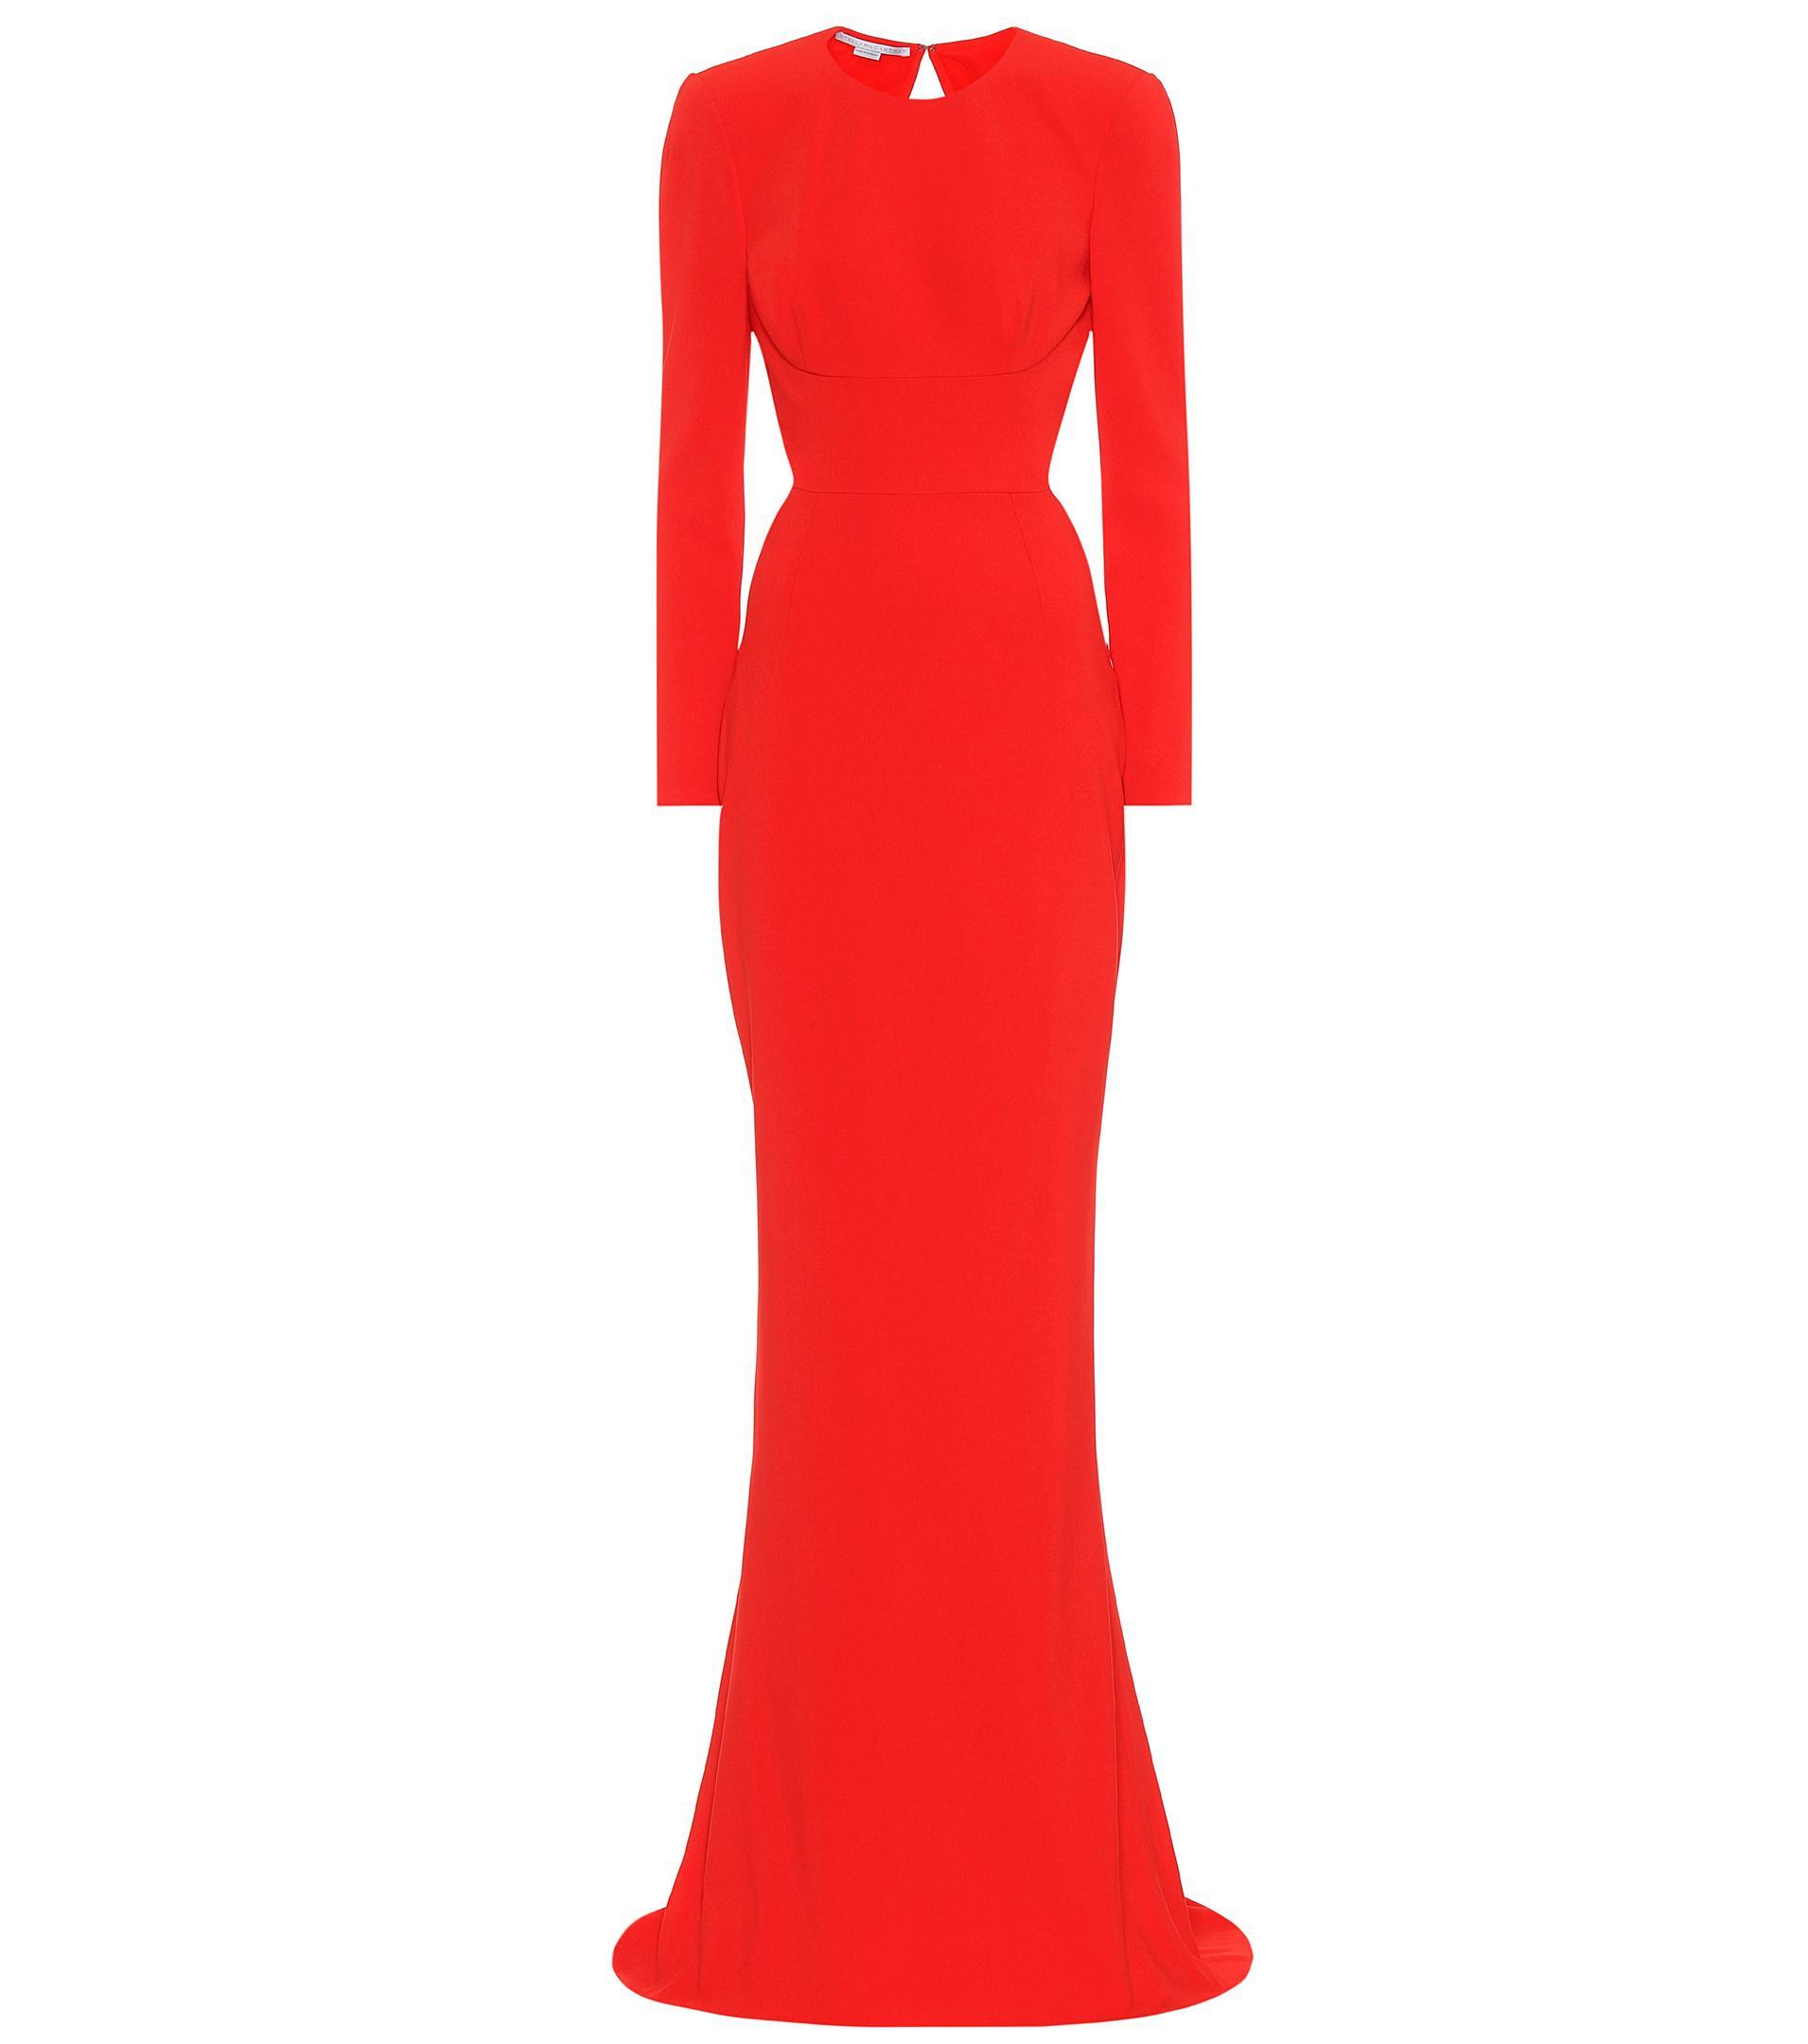 377ca0e913 Stella McCartney Crêpe Gown in Red - Lyst